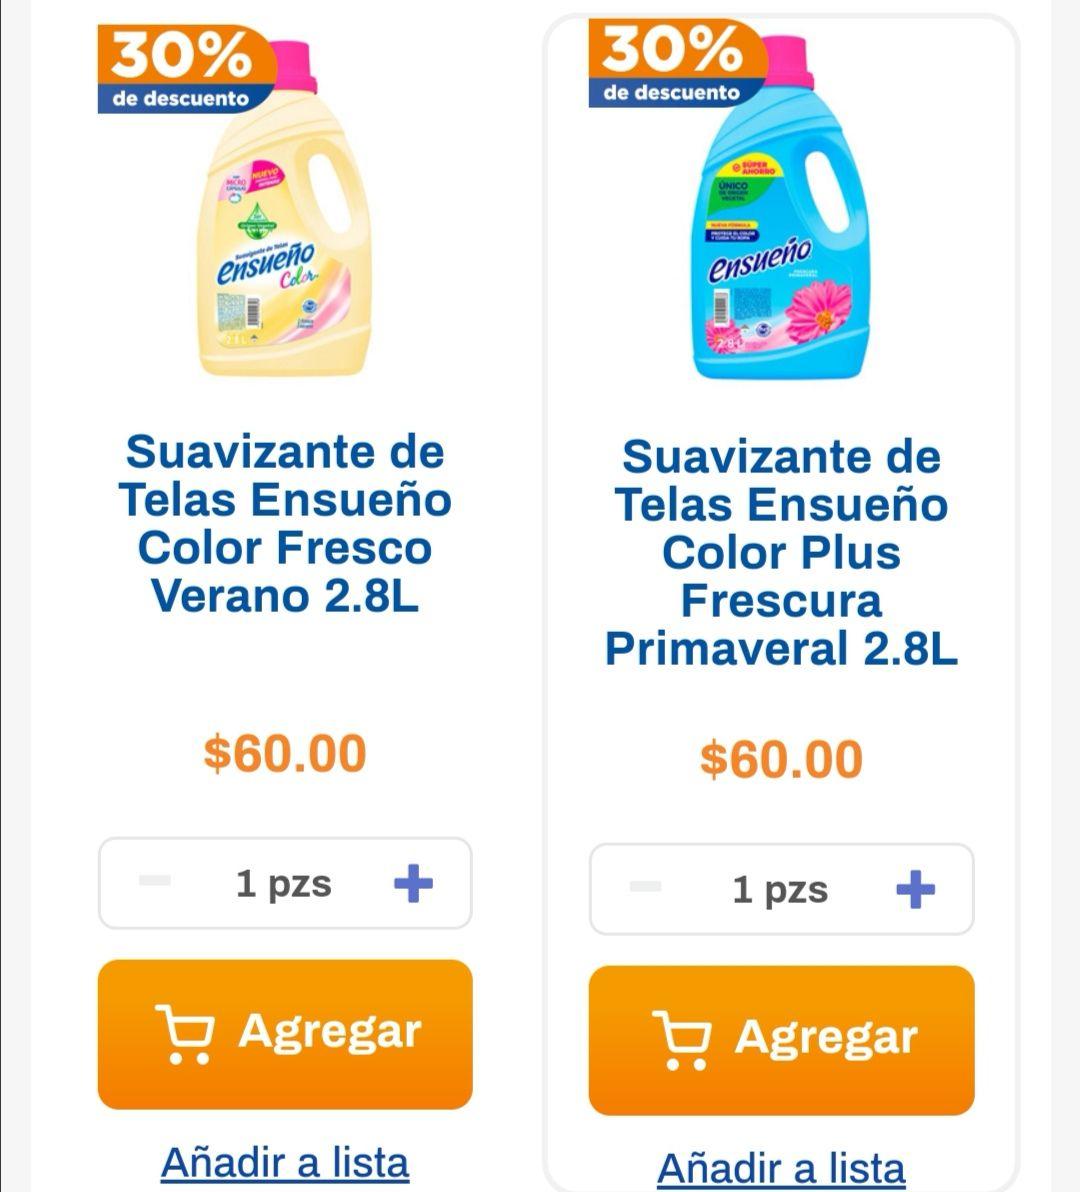 Chedraui: 30% de descuento en suavizantes Ensueño color 2.8 L verano y primaveral